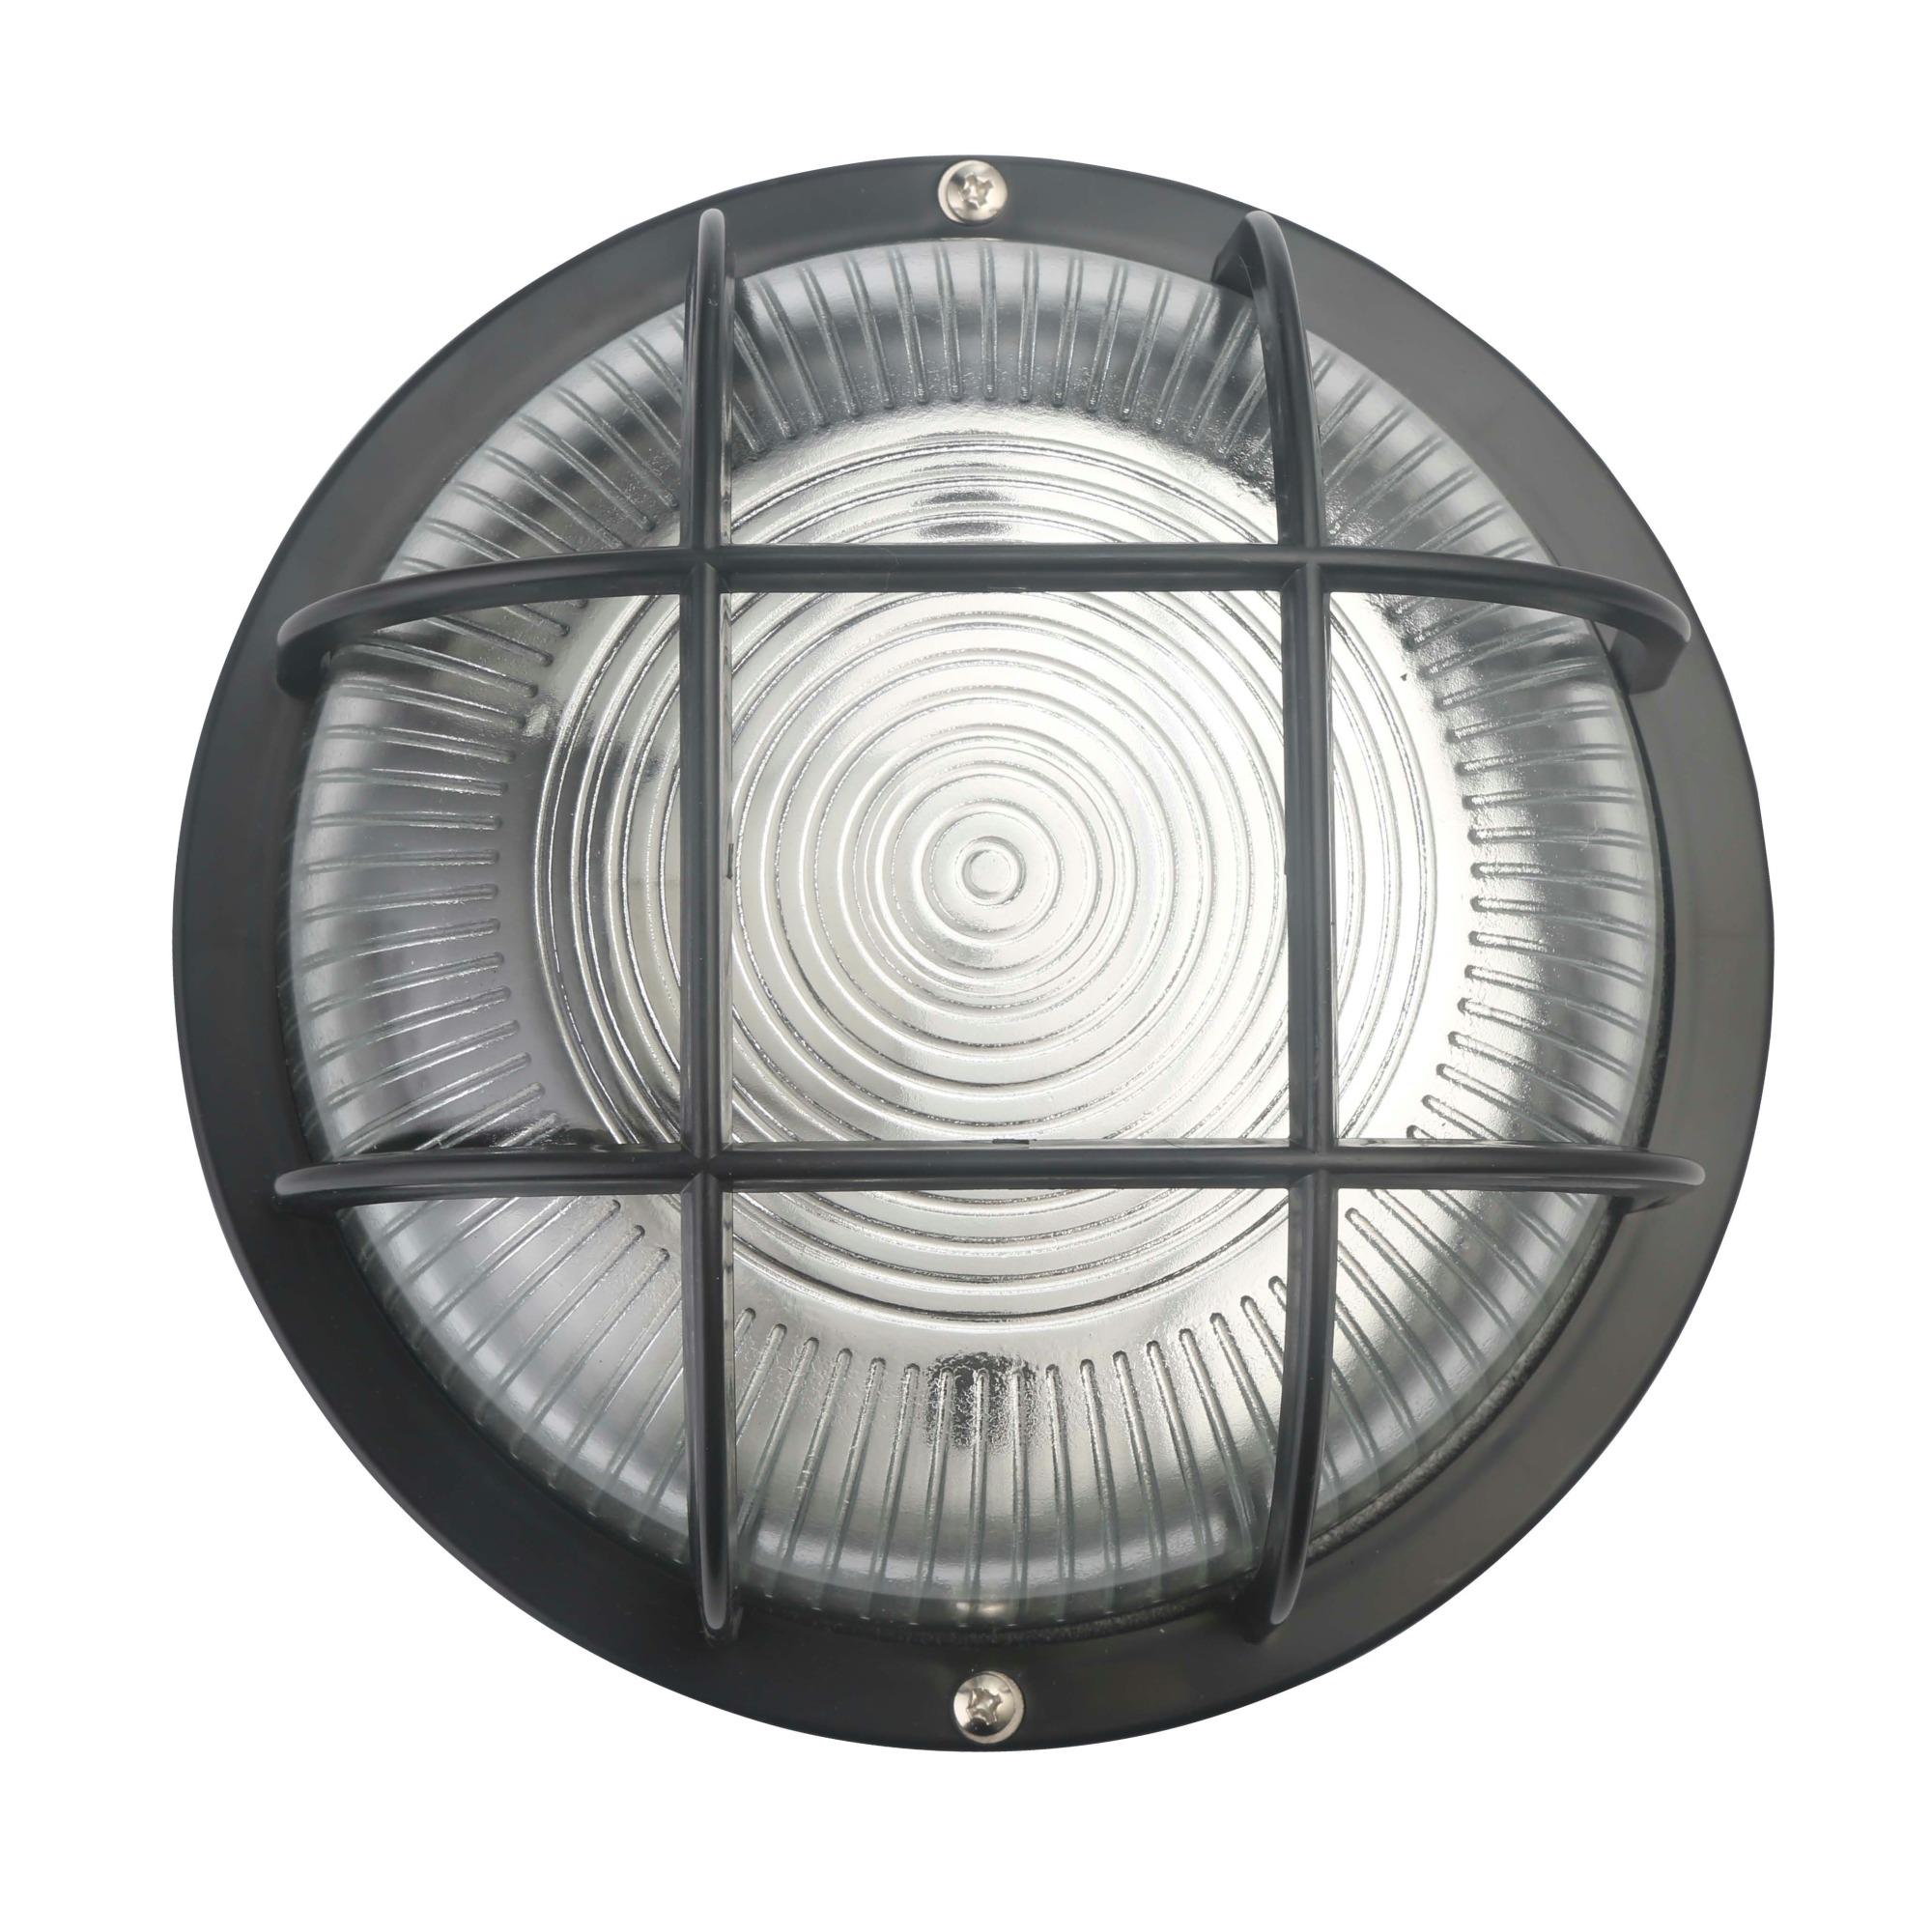 De handson bull eye zwart is een handige ronde wandlamp. de lamp is zo ontworpen dat deze buiten gebruikt kan ...